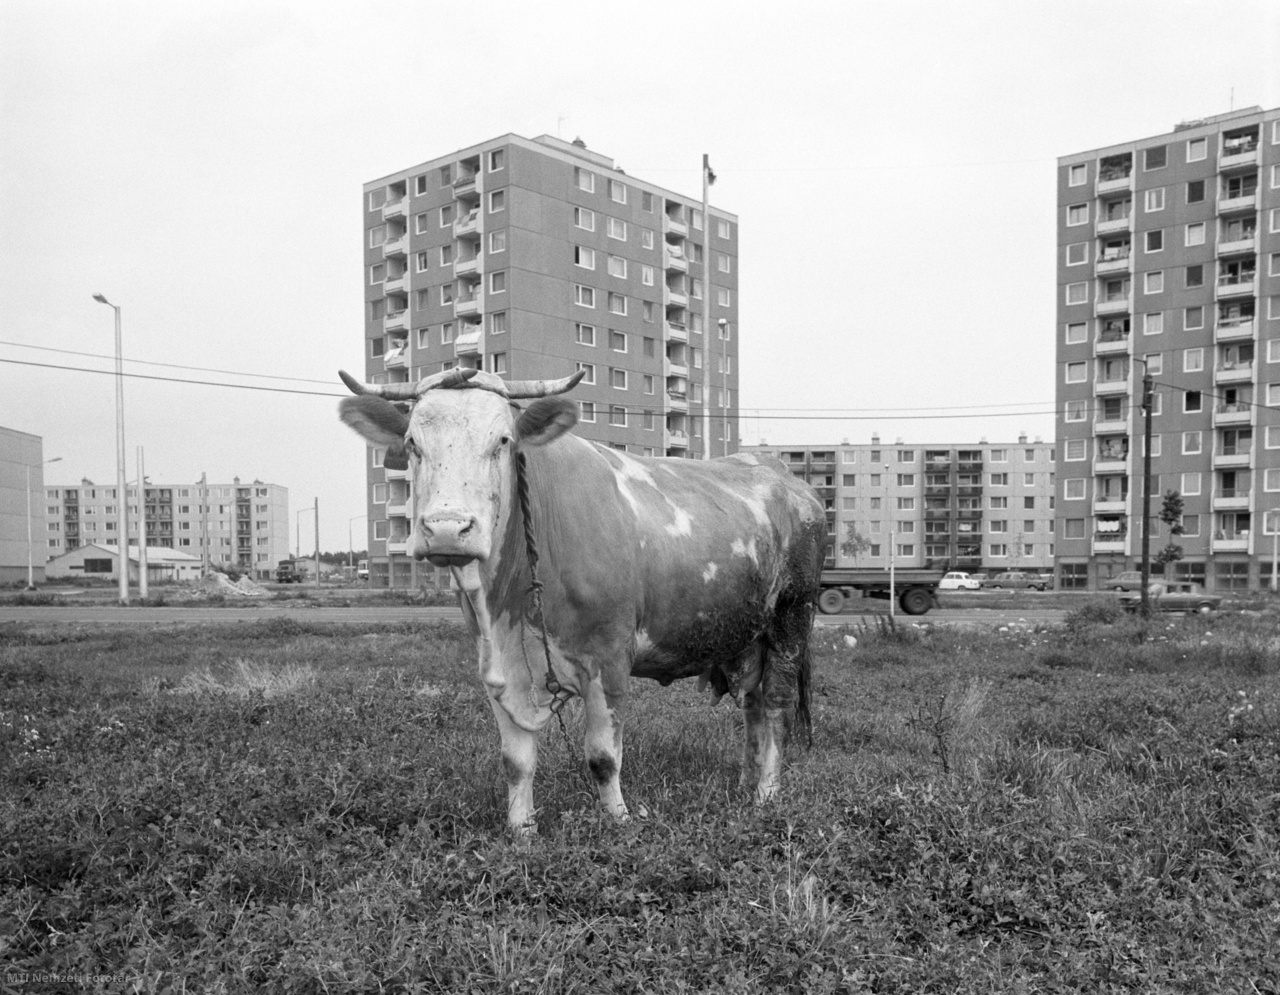 1986. július 7. Lakótelep a legelőn, vagy fordítva?  Szeged új városrészében, Rókuson valóban összeépült a város a mezőgazdasági területtel. A tízemeletes házak tövében tehenek legelnek